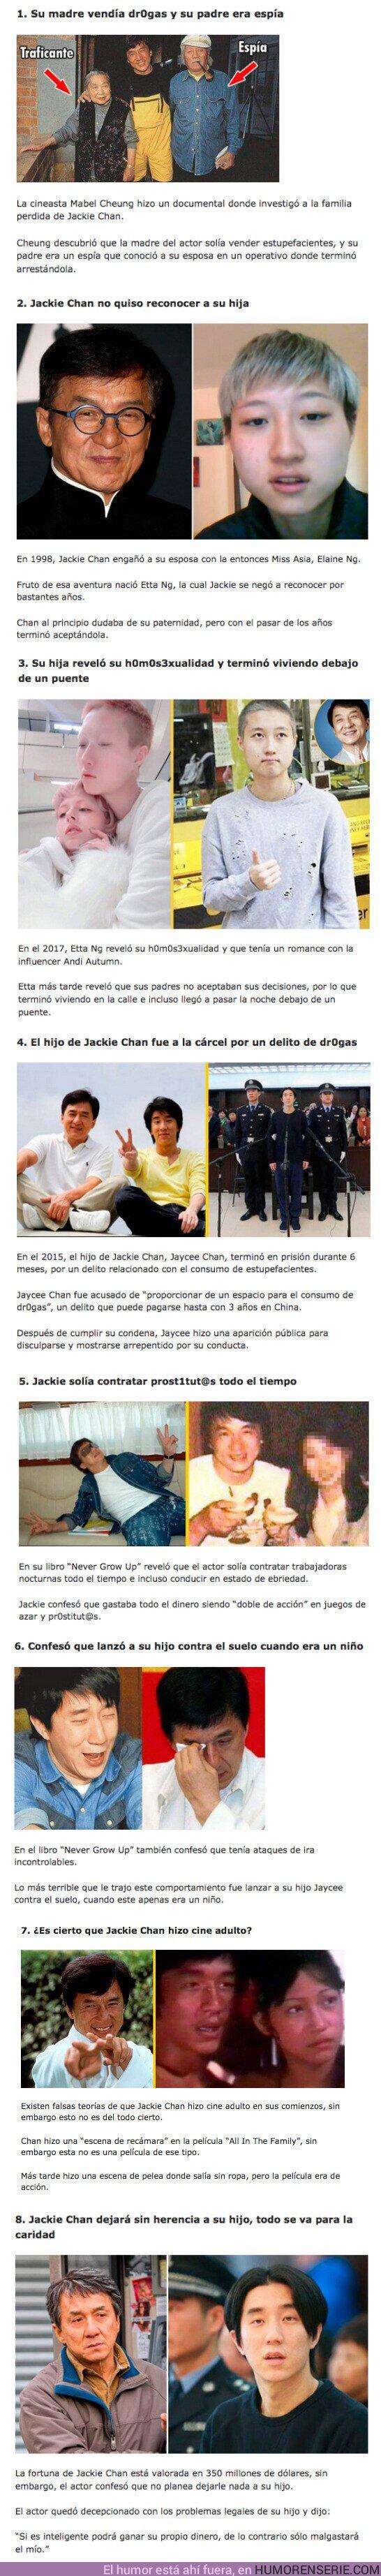 73440 - GALERÍA: 8 Cosas que muestran el lado oscuro que esconde Jackie Chan